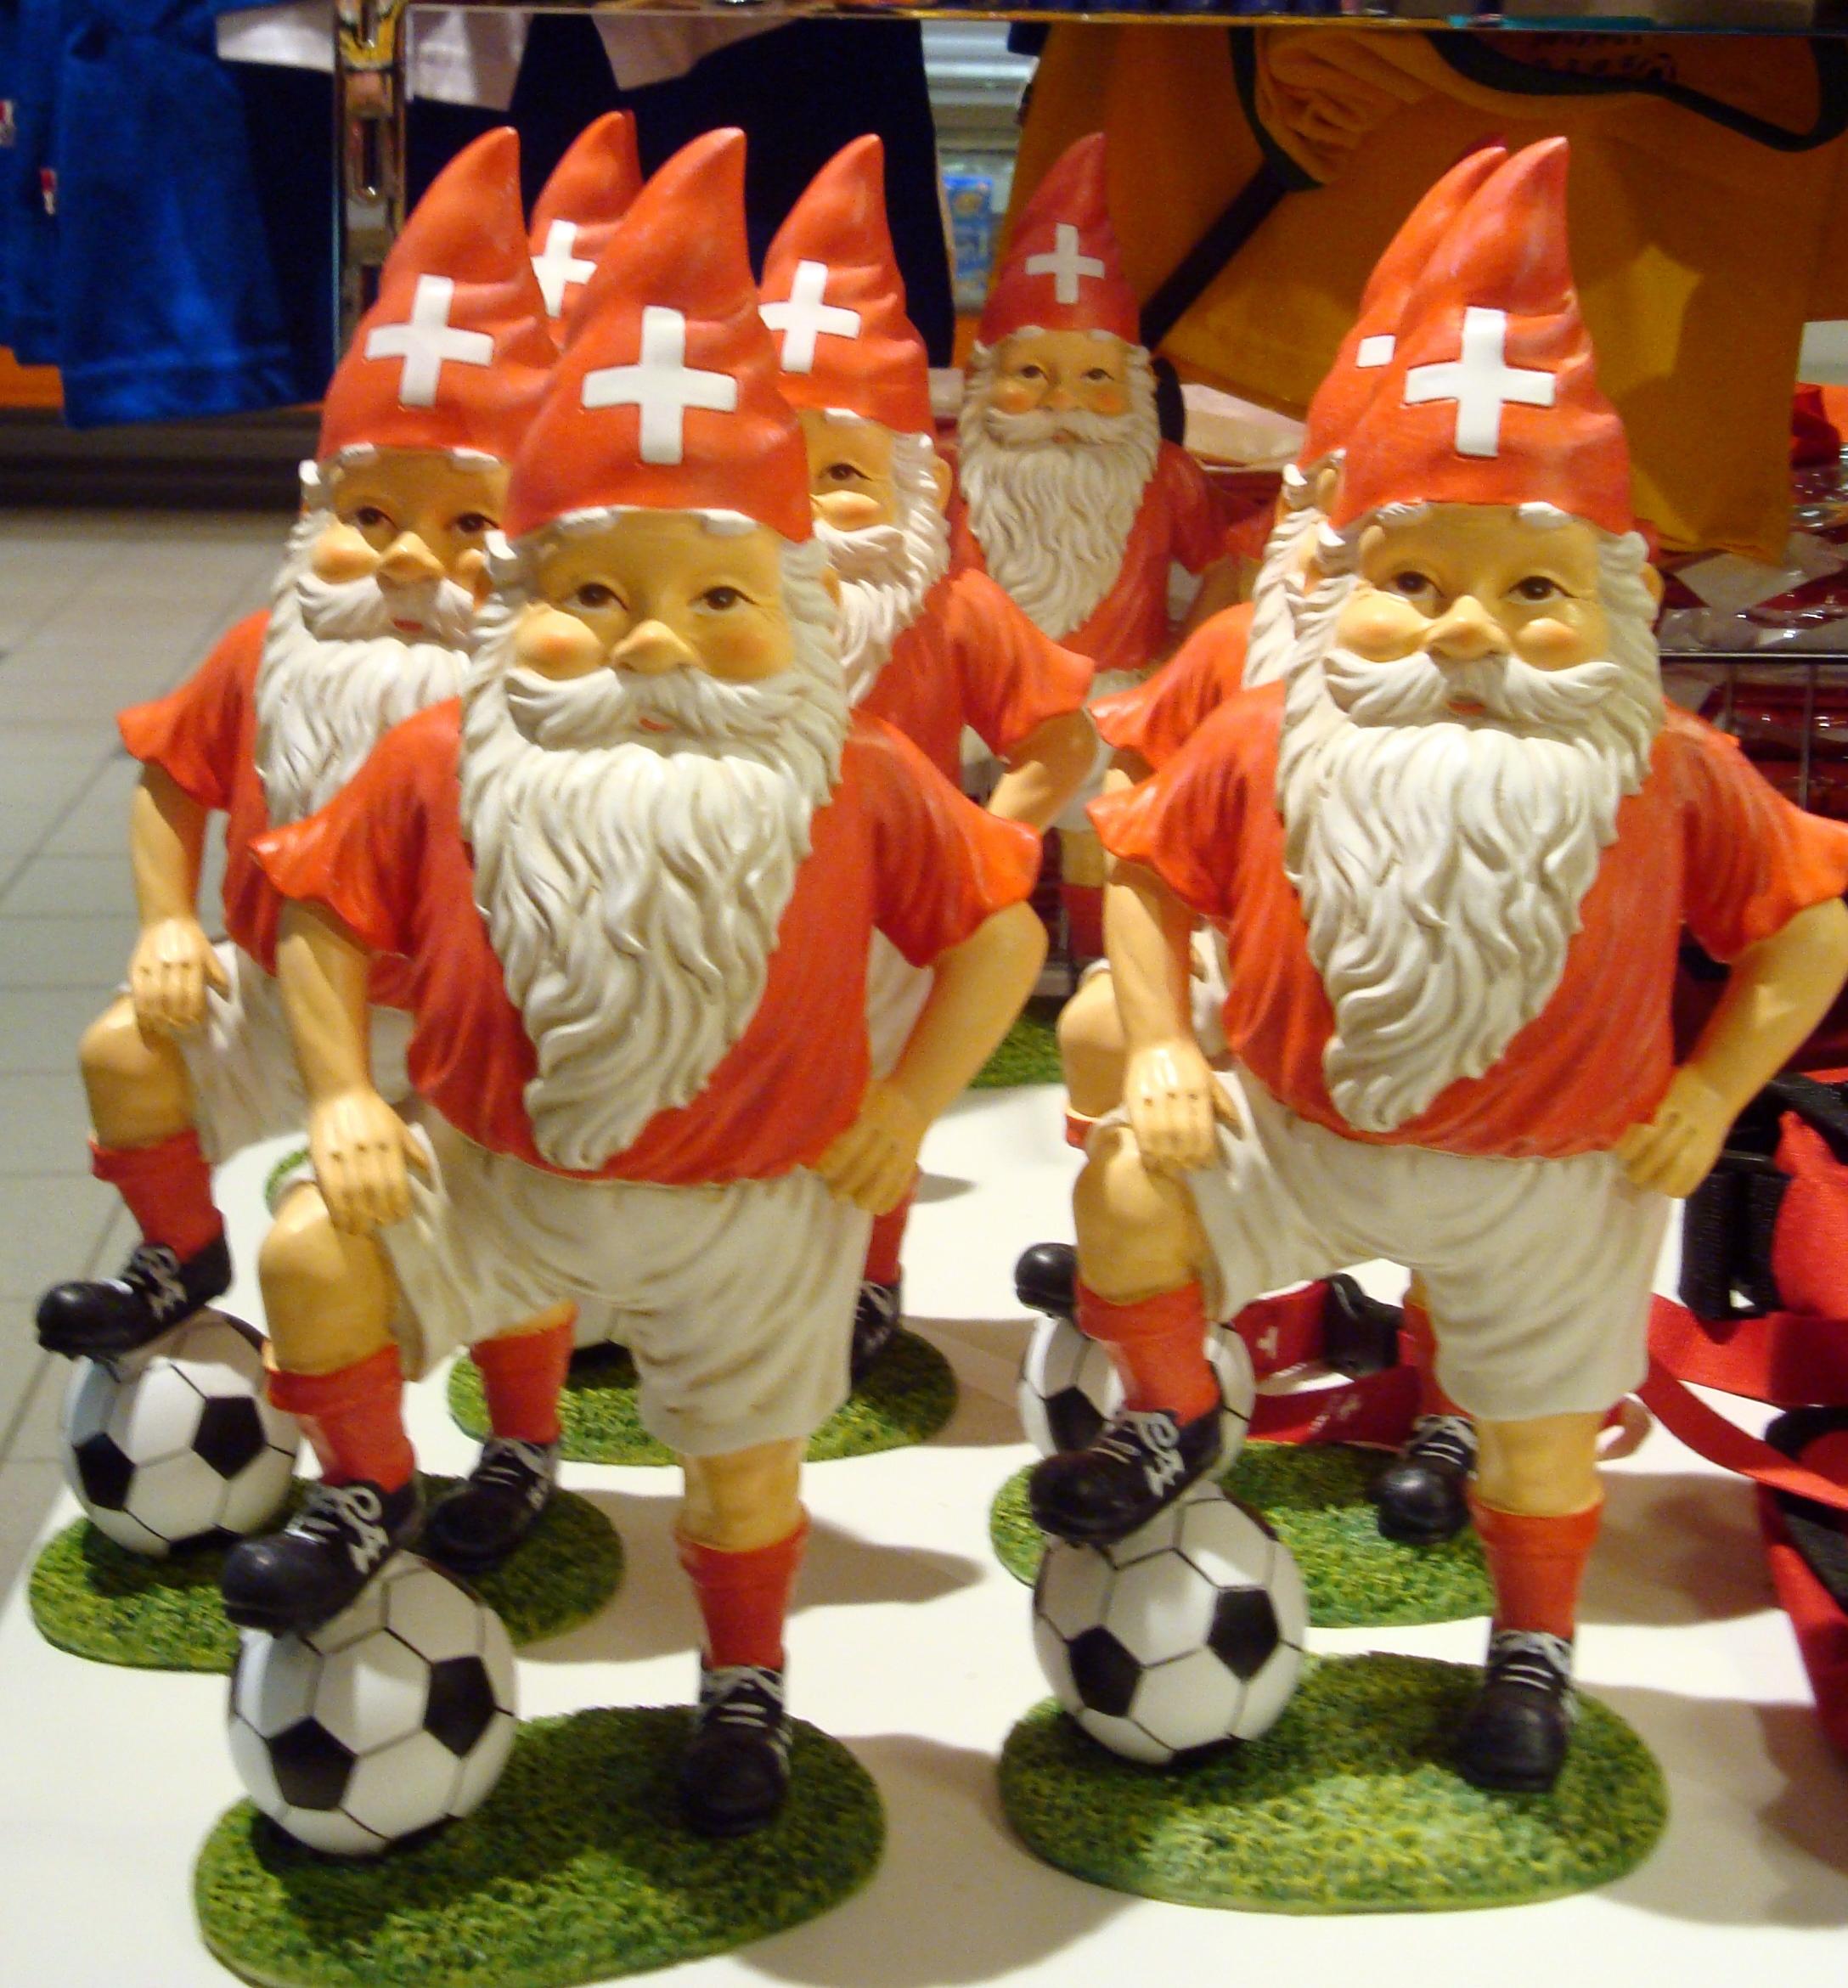 Coupe du monde de football 2010 notre histoire - Coupe du monde 2010 lieu ...